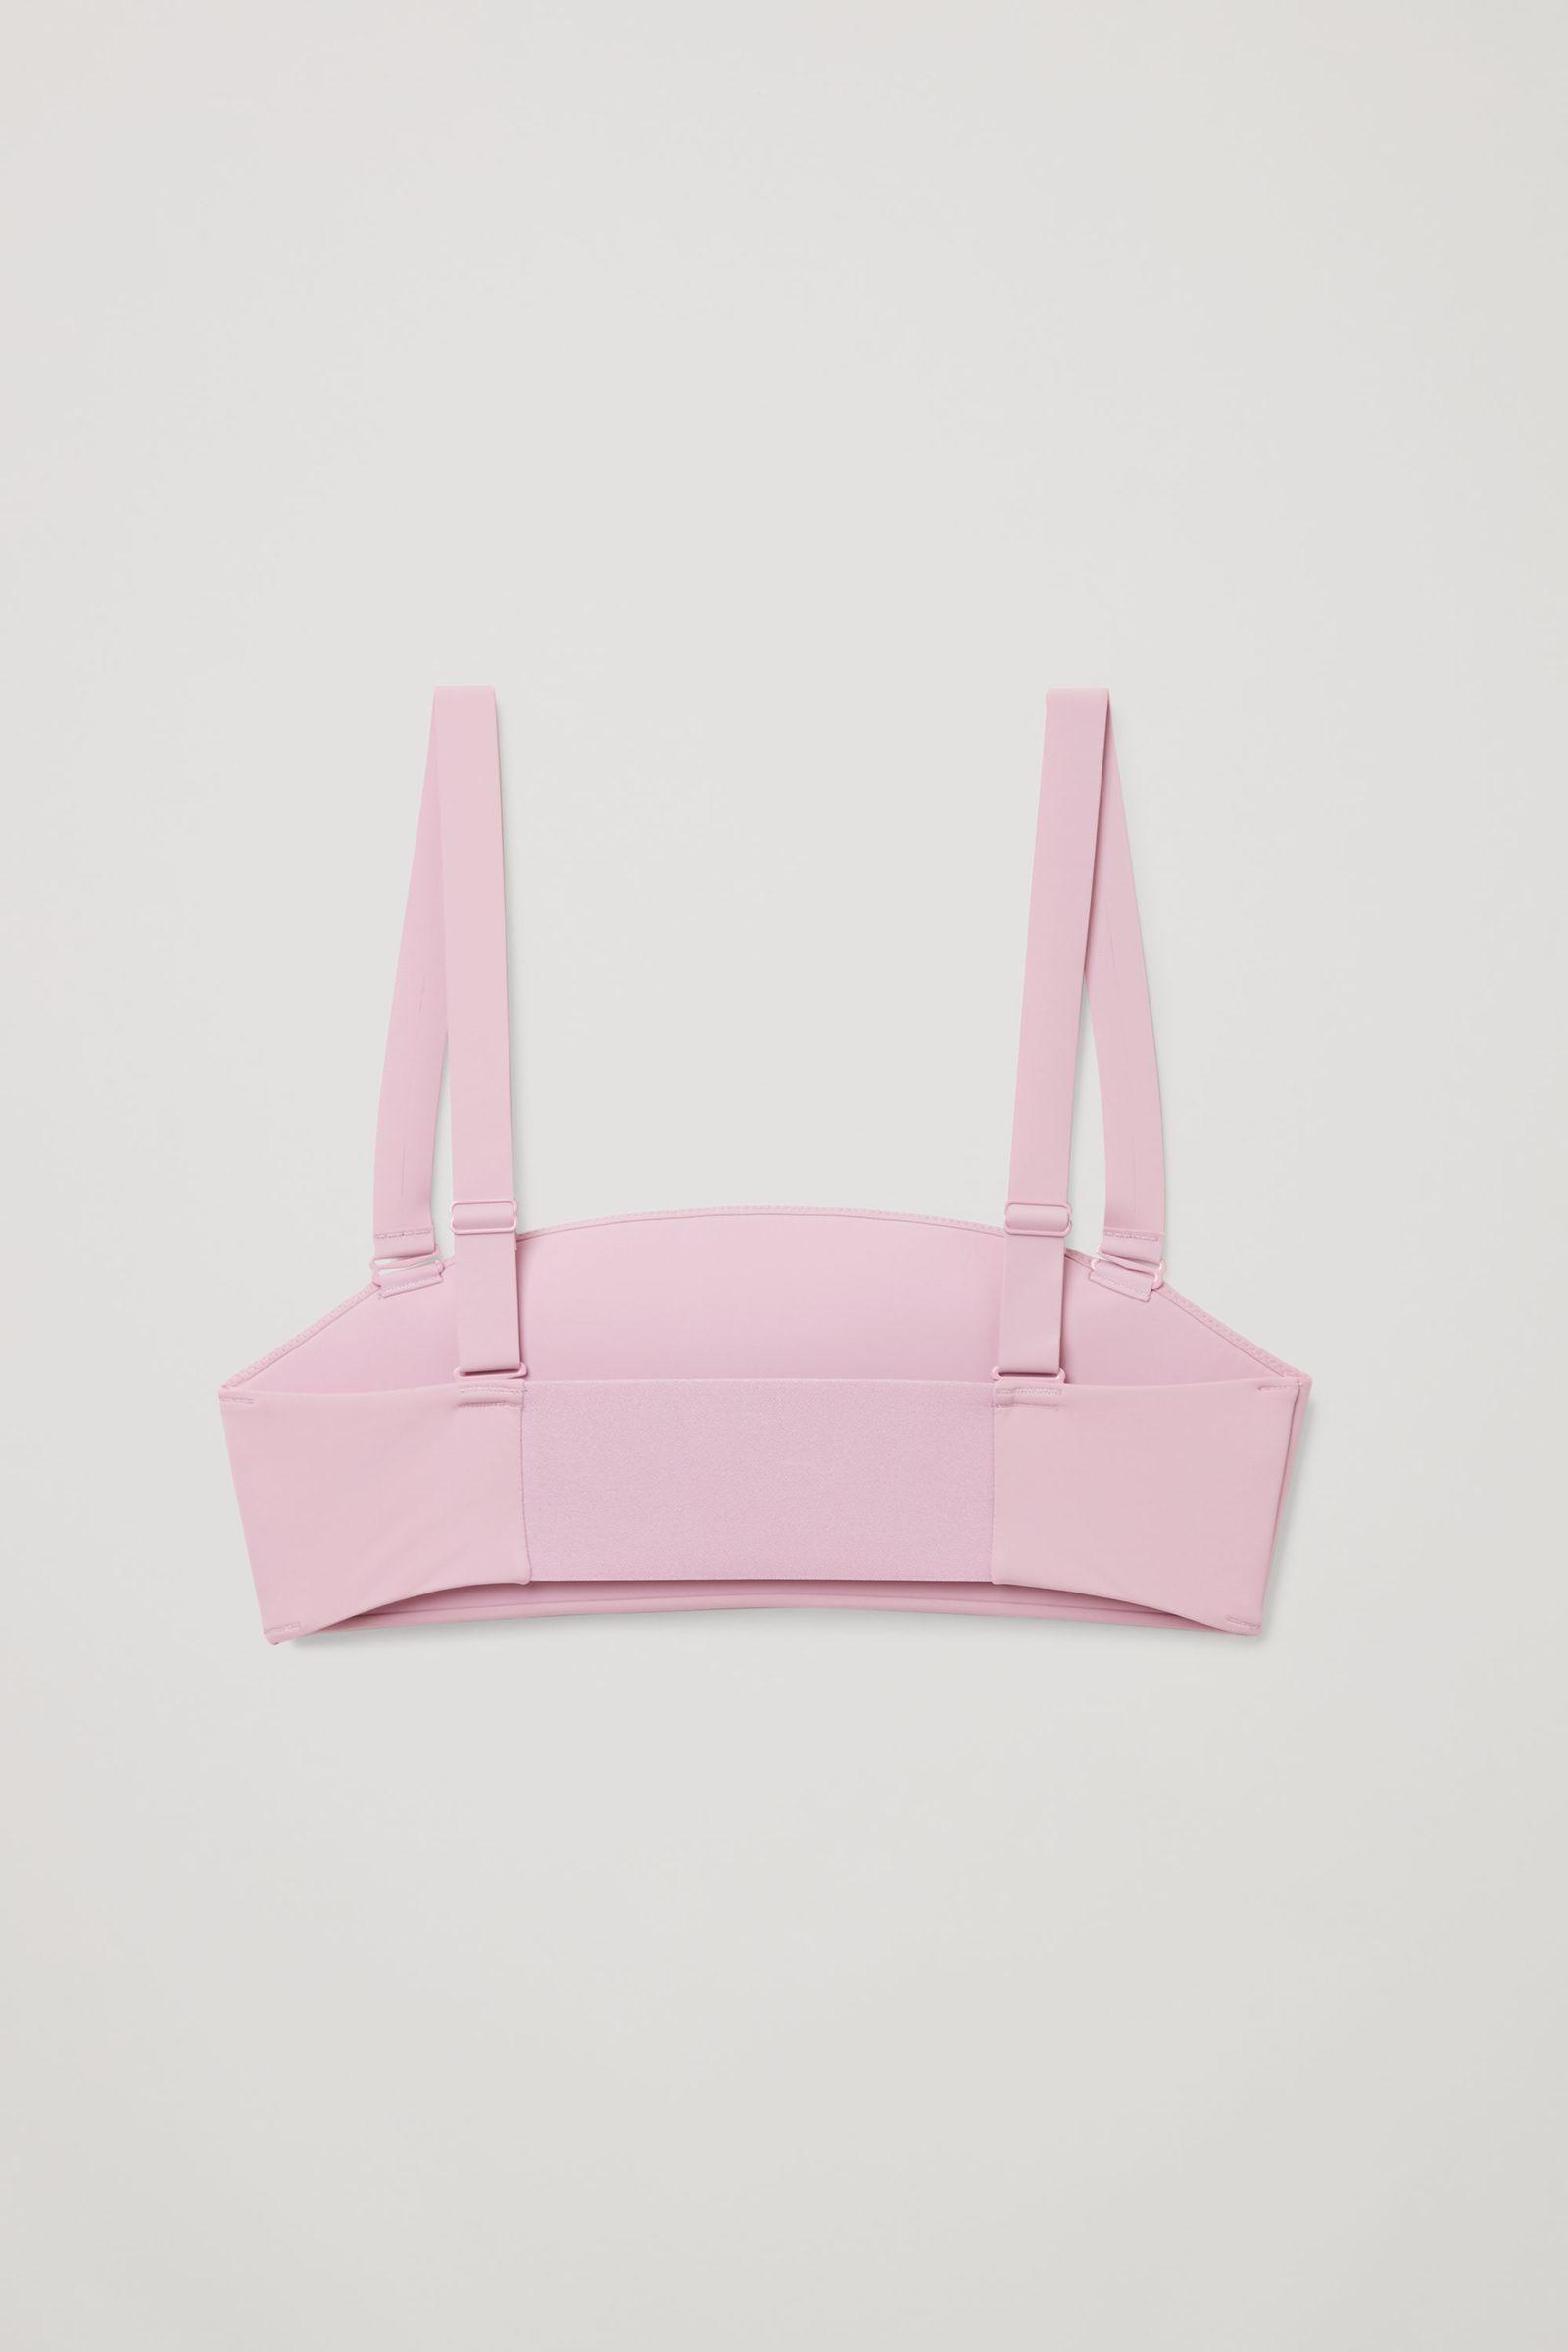 COS 패디드 비키니 탑의 핑크컬러 Product입니다.